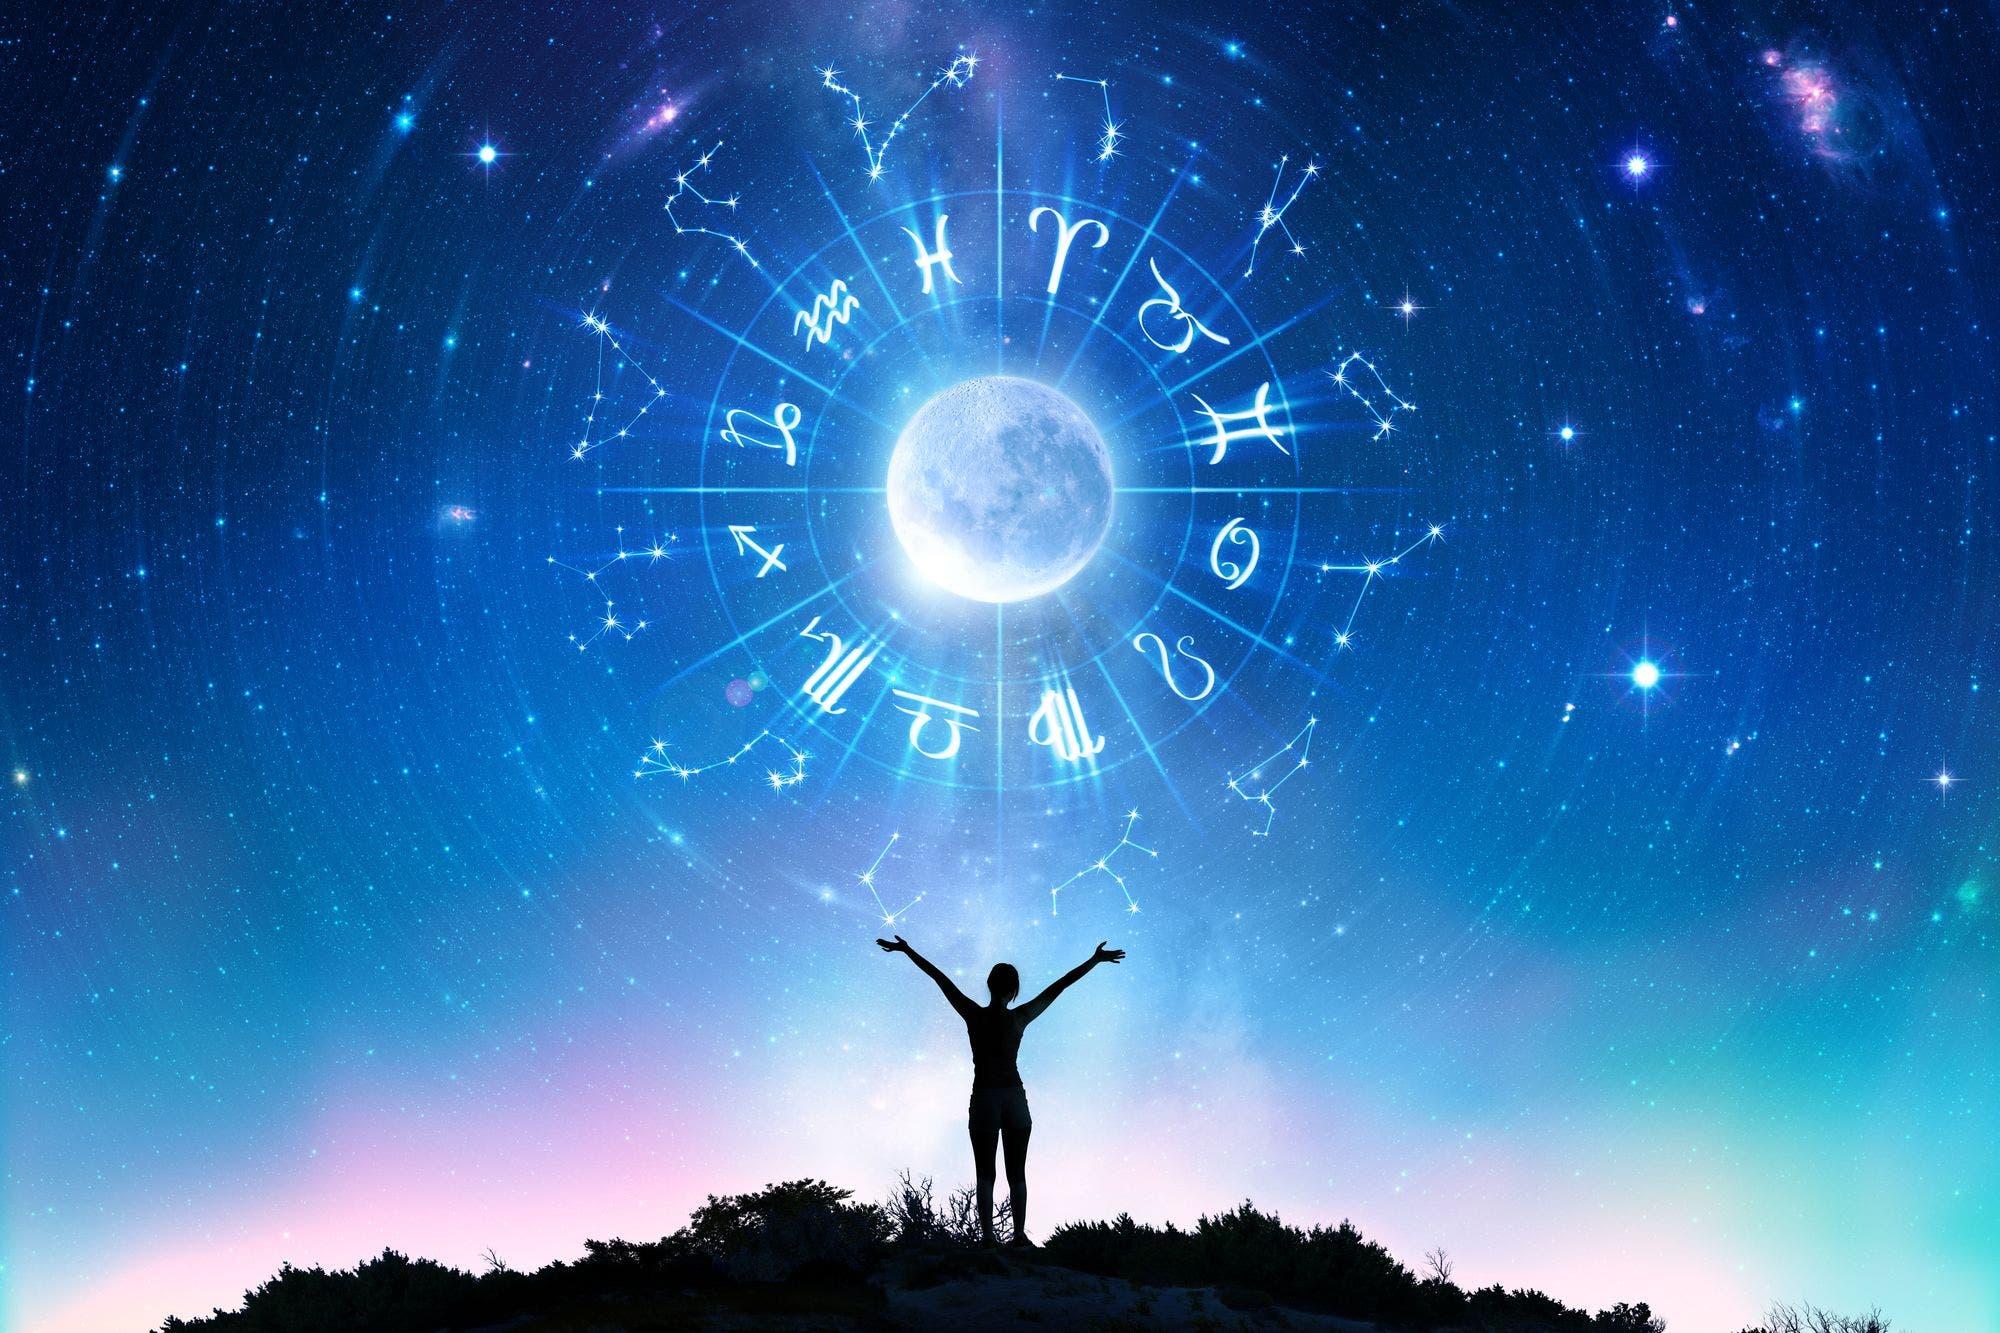 Qué dice tu horóscopo para hoy y el fin de semana del 6 de septiembre